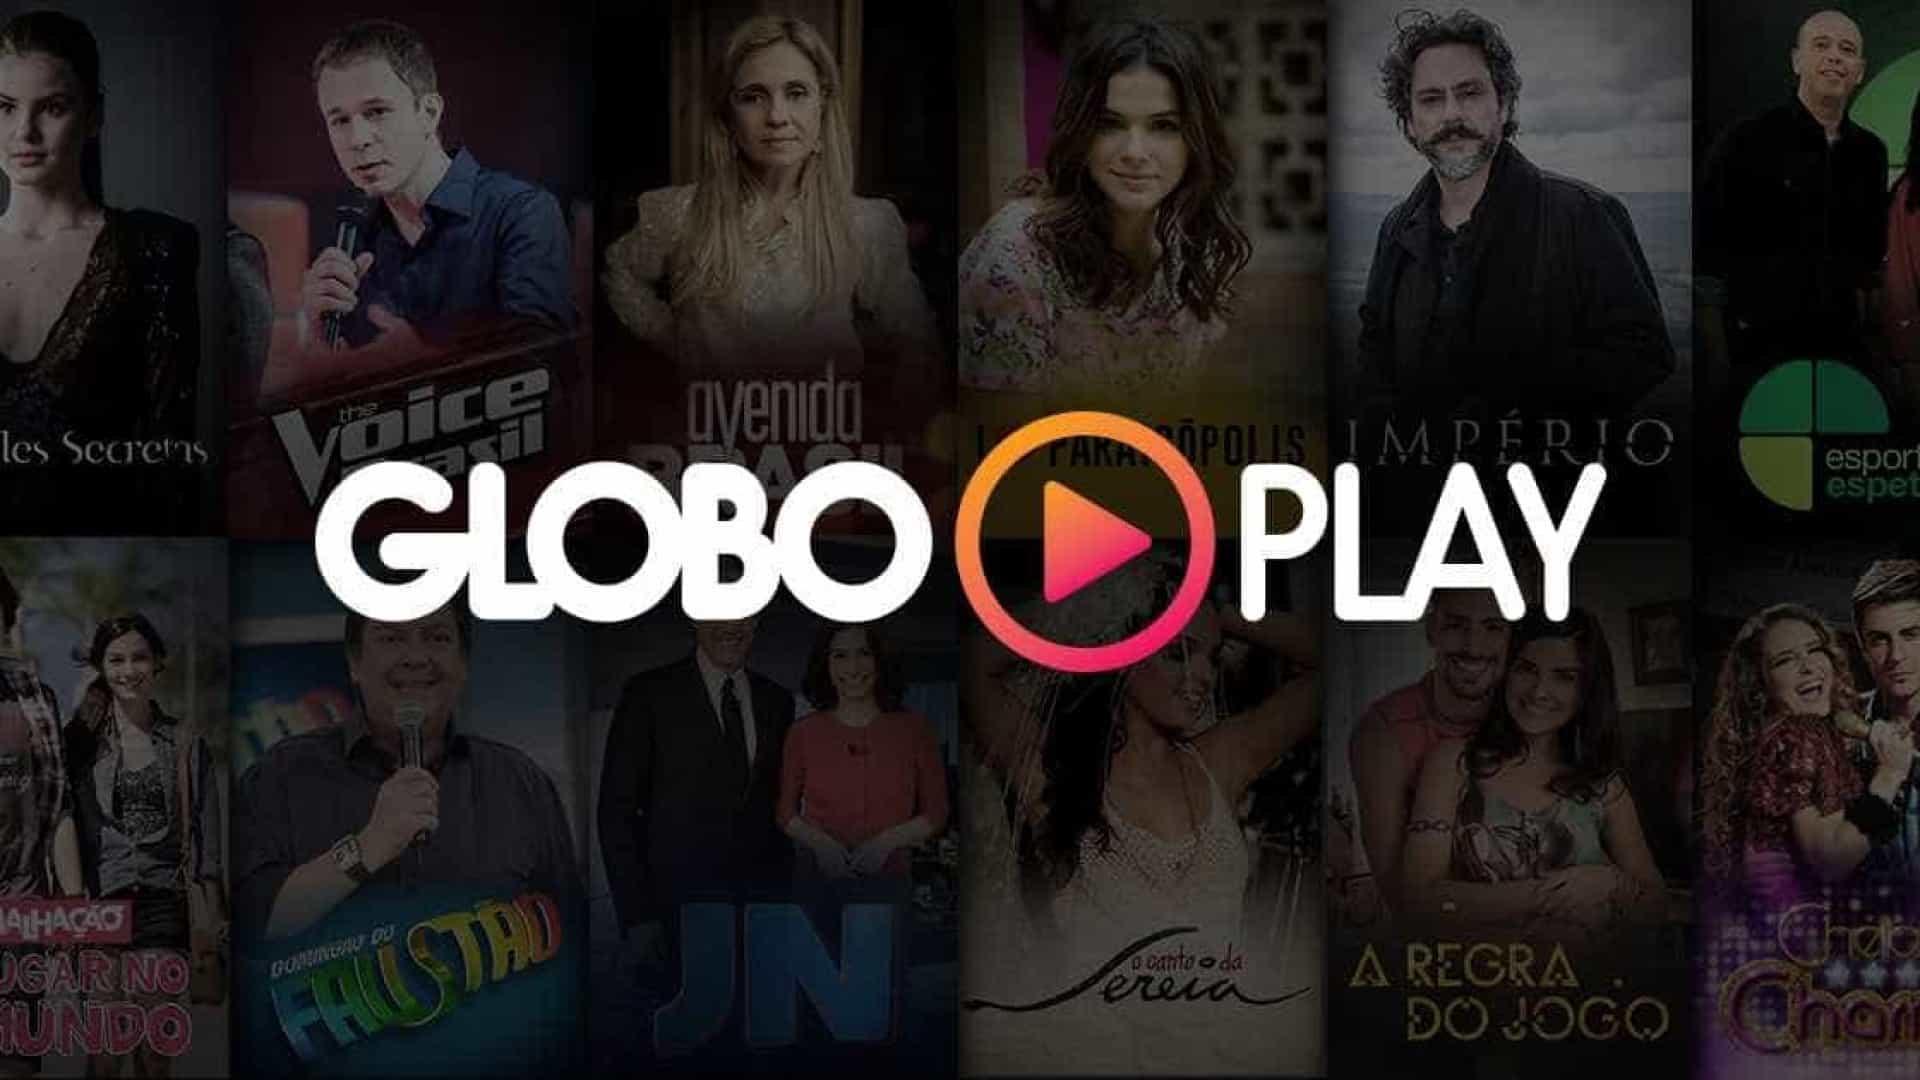 Globoplay reduzirá qualidade do streaming após crescimento de consumo